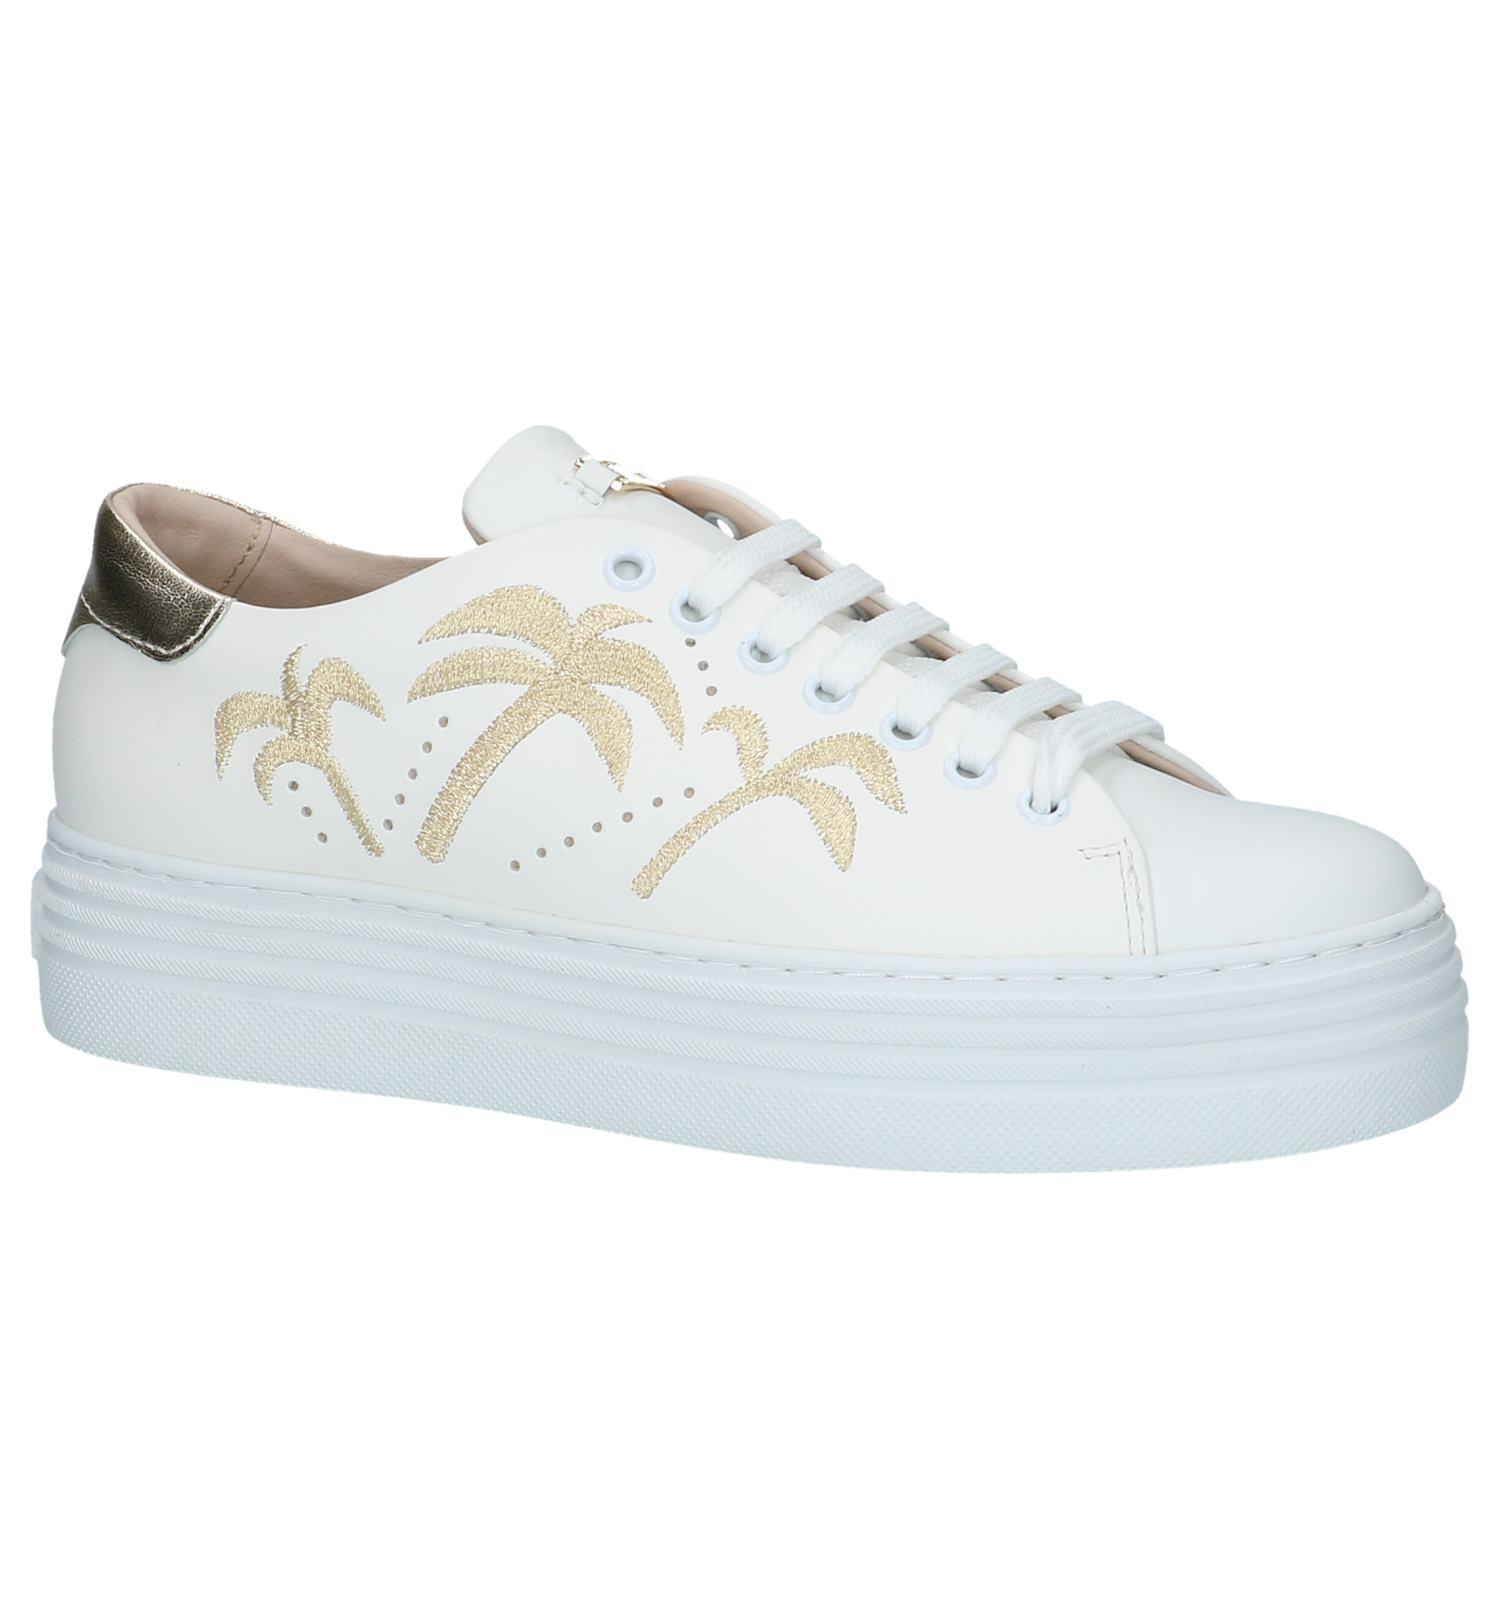 Geklede Sneakers Tosca Blu Wit | SCHOENENTORFS.NL | Gratis verzend en retour